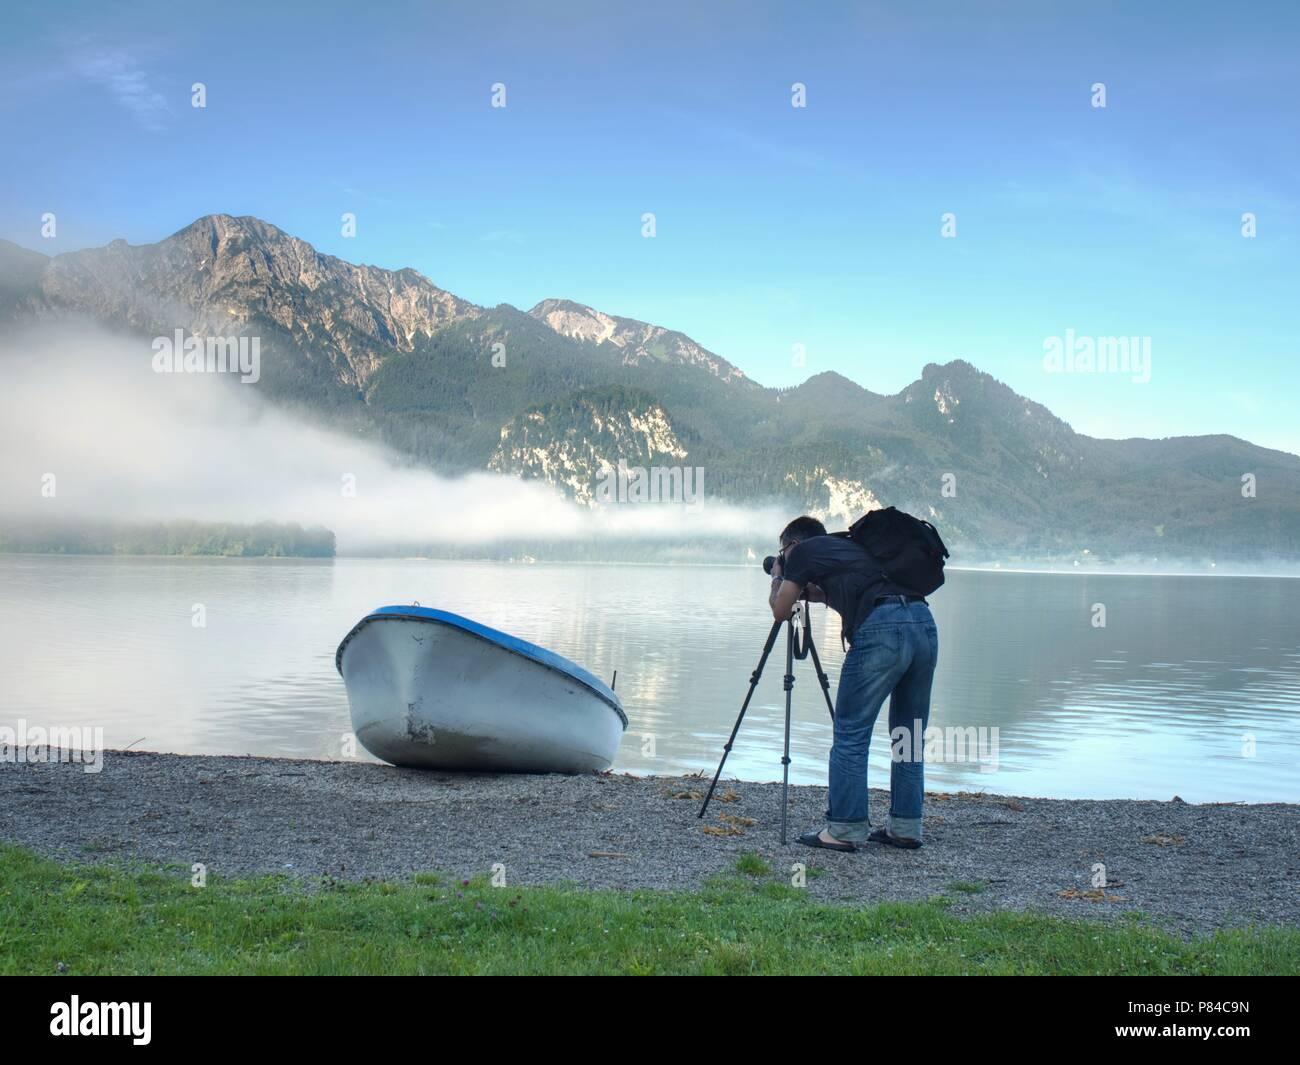 El hombre caminante se toma de fotografía de barco en la orilla del lago de montaña. Silueta en botes de pesca en el lago costa. Imagen De Stock